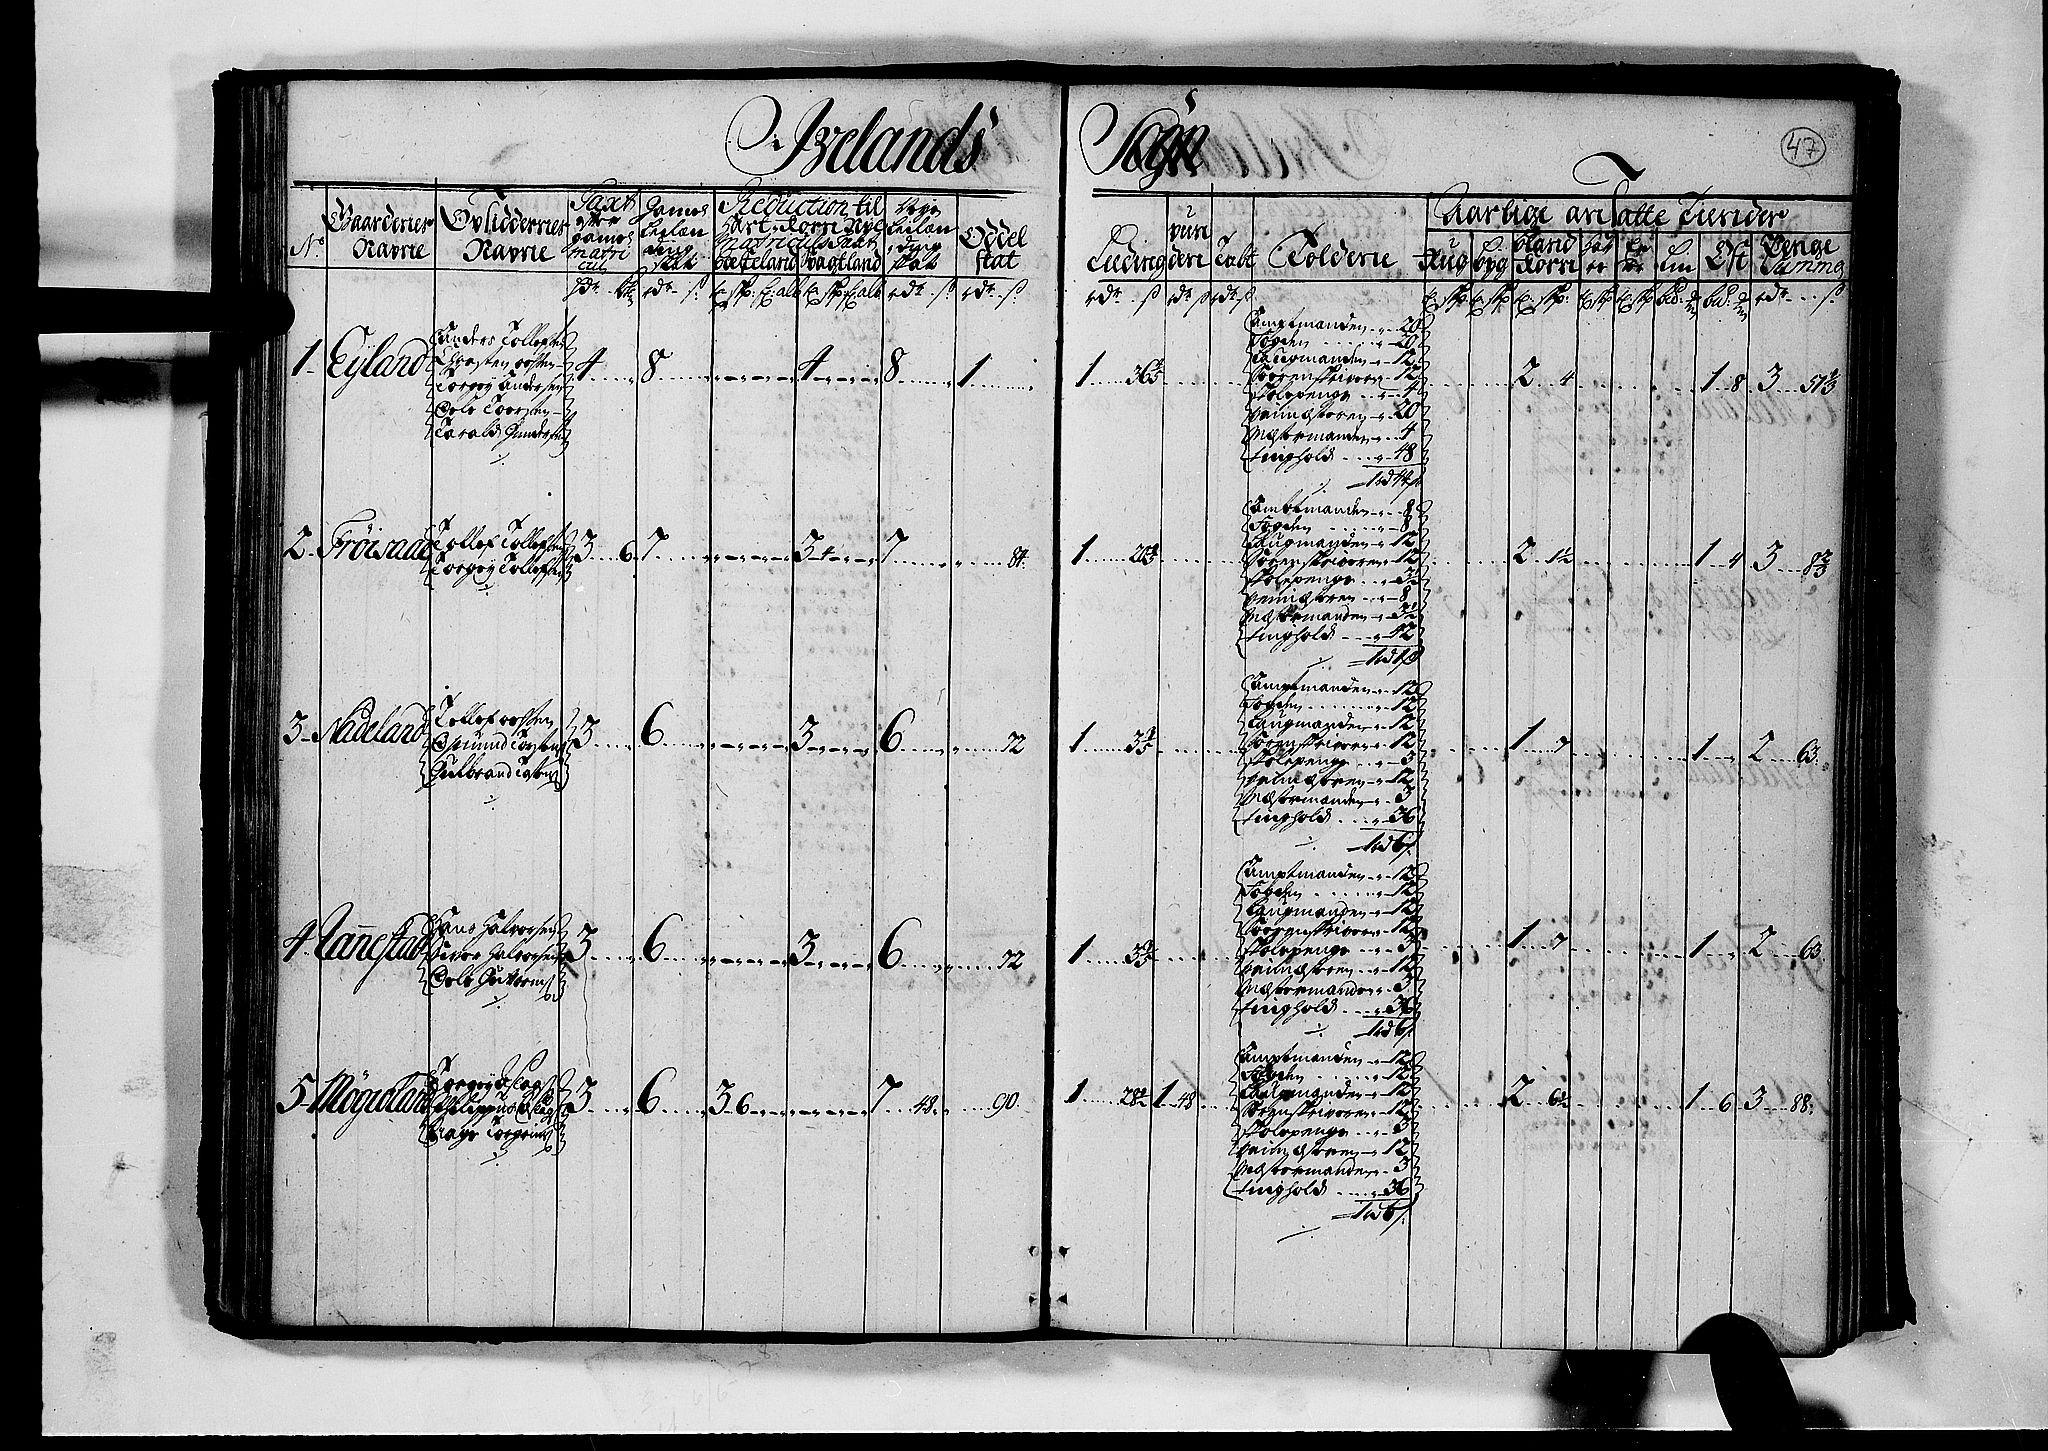 RA, Rentekammeret inntil 1814, Realistisk ordnet avdeling, N/Nb/Nbf/L0126: Råbyggelag matrikkelprotokoll, 1723, s. 46b-47a